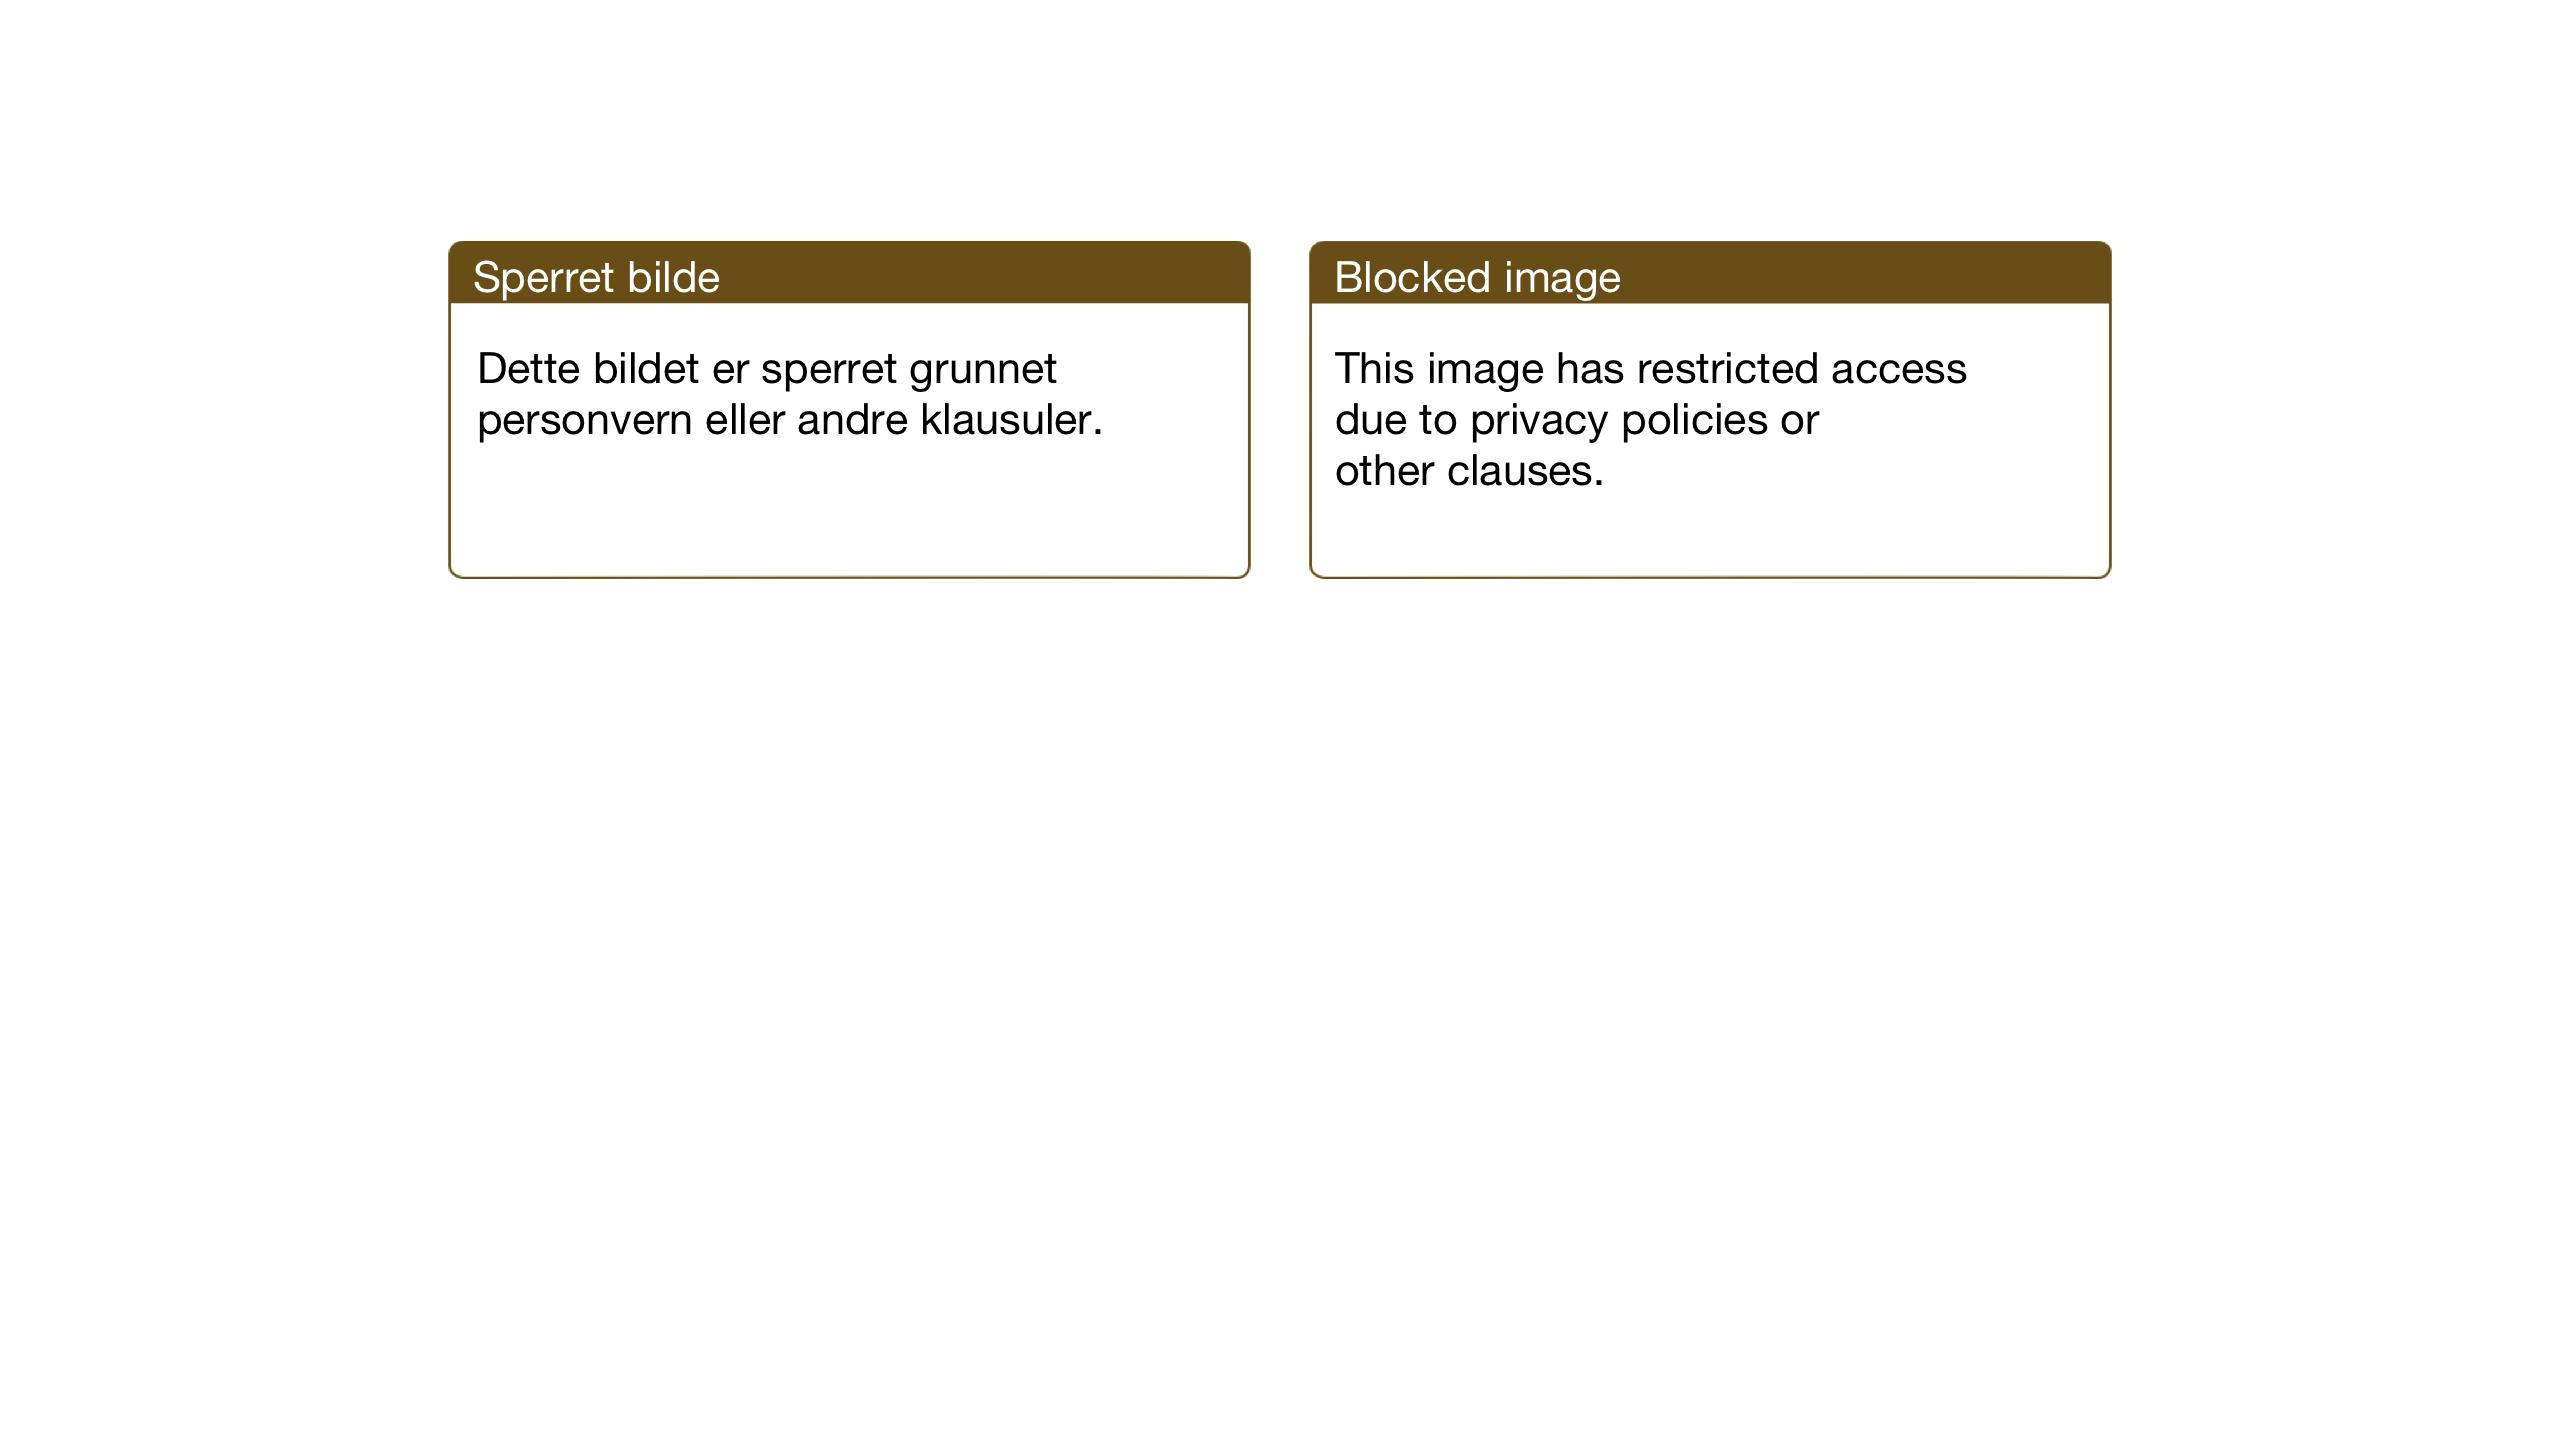 SAT, Ministerialprotokoller, klokkerbøker og fødselsregistre - Sør-Trøndelag, 611/L0358: Klokkerbok nr. 611C06, 1943-1946, s. 20